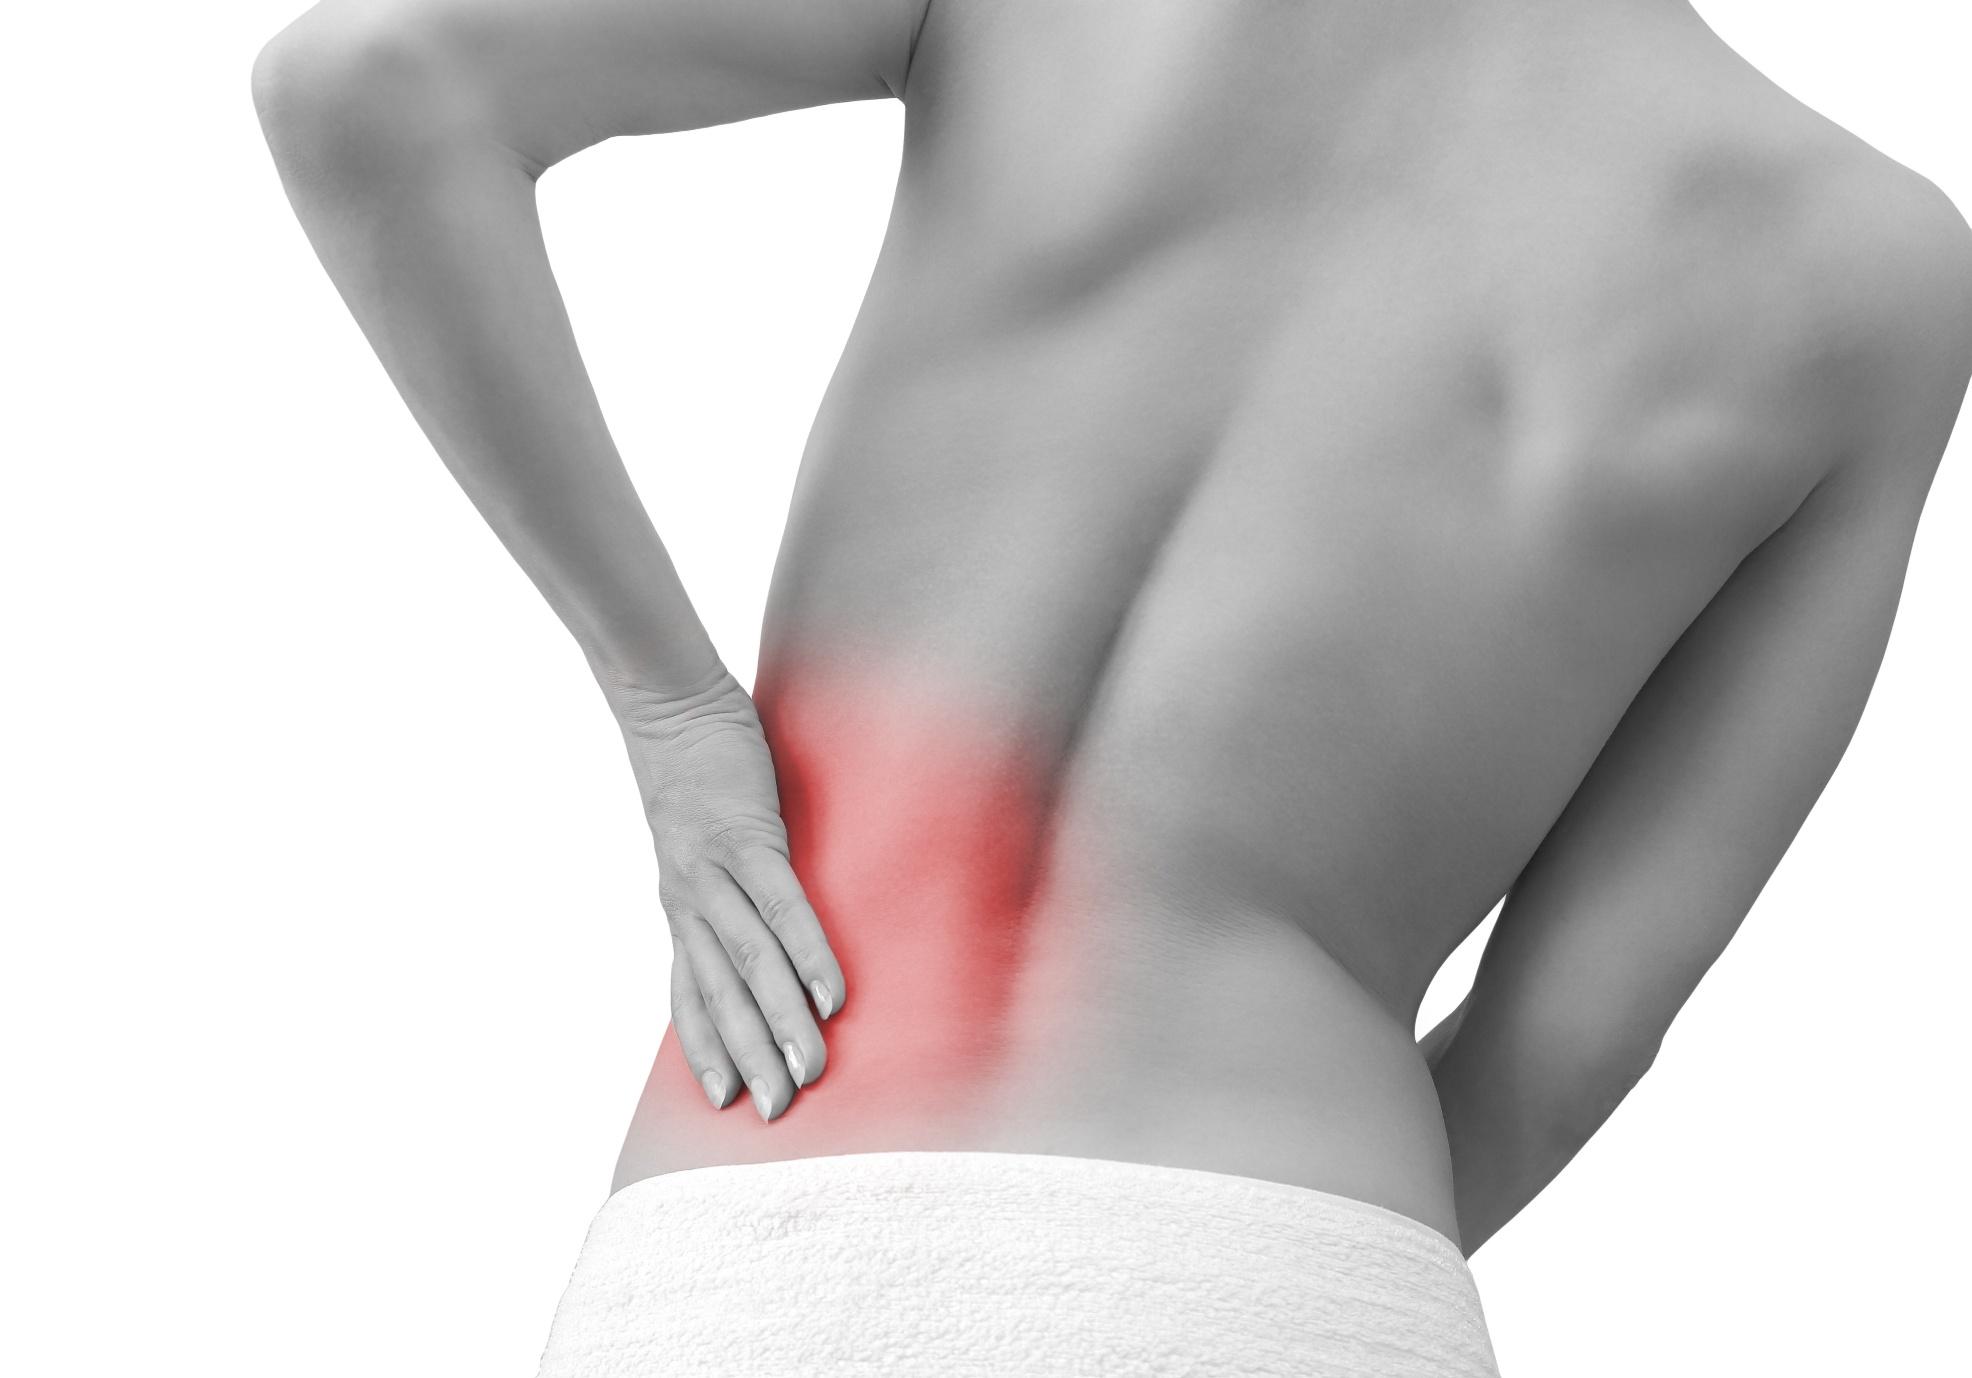 El dolor de espalda y disfunción lumbopelvica